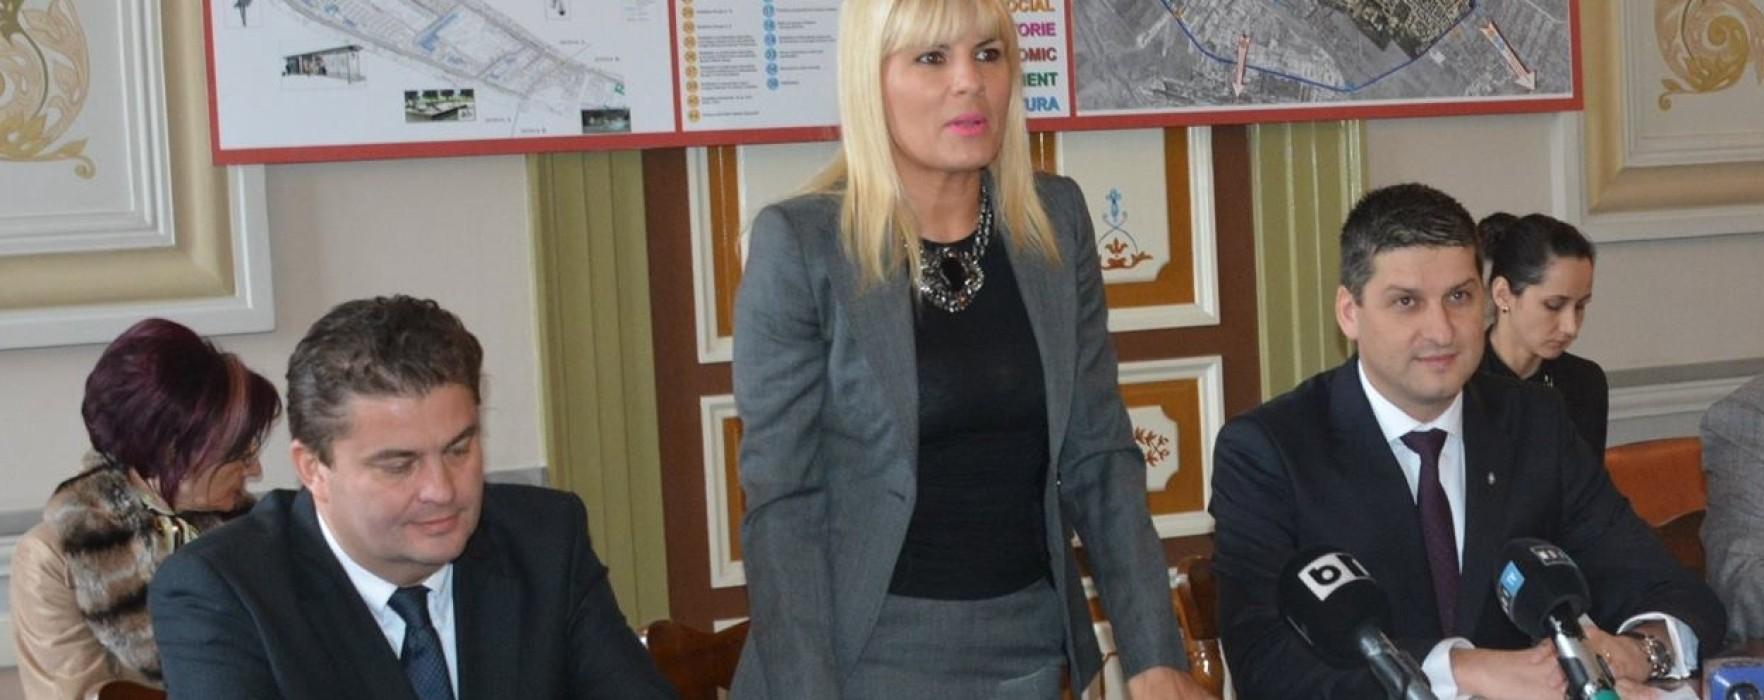 Primarul Târgoviştei, Gabriel Boriga, a semnat adeziune la fundaţia Mişcarea Populară